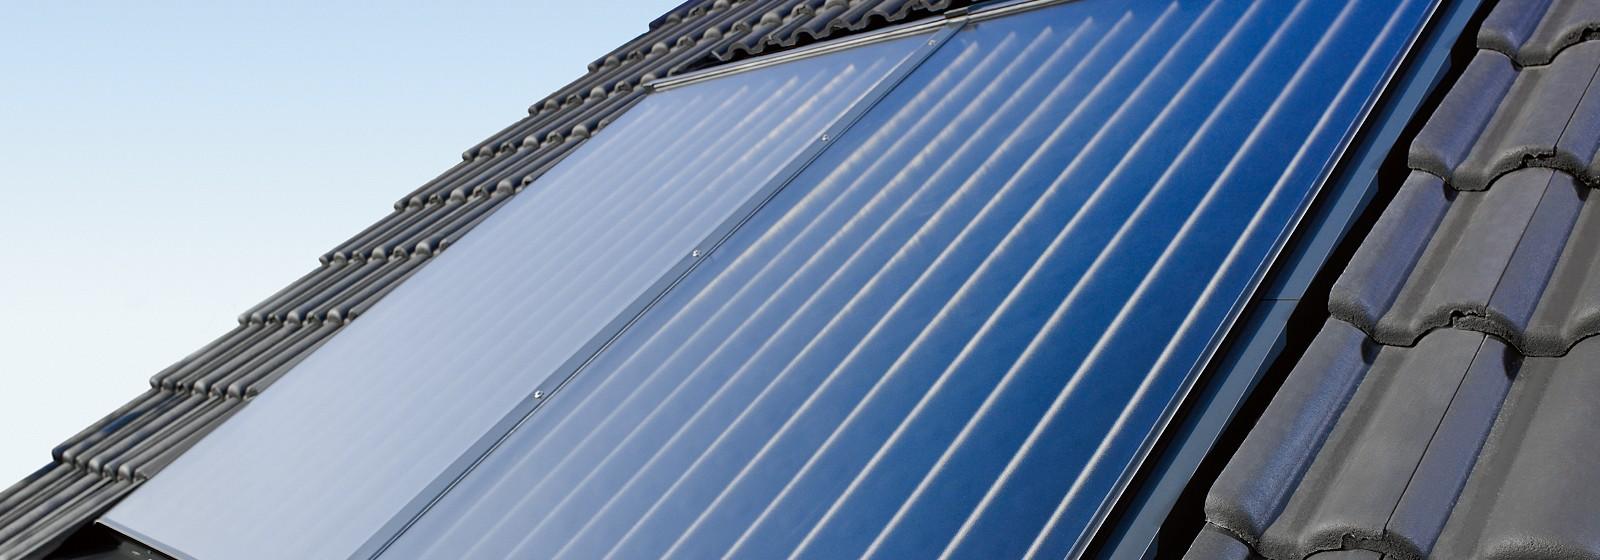 Solarthermie - massgeschneiderte Profi-Lösungen